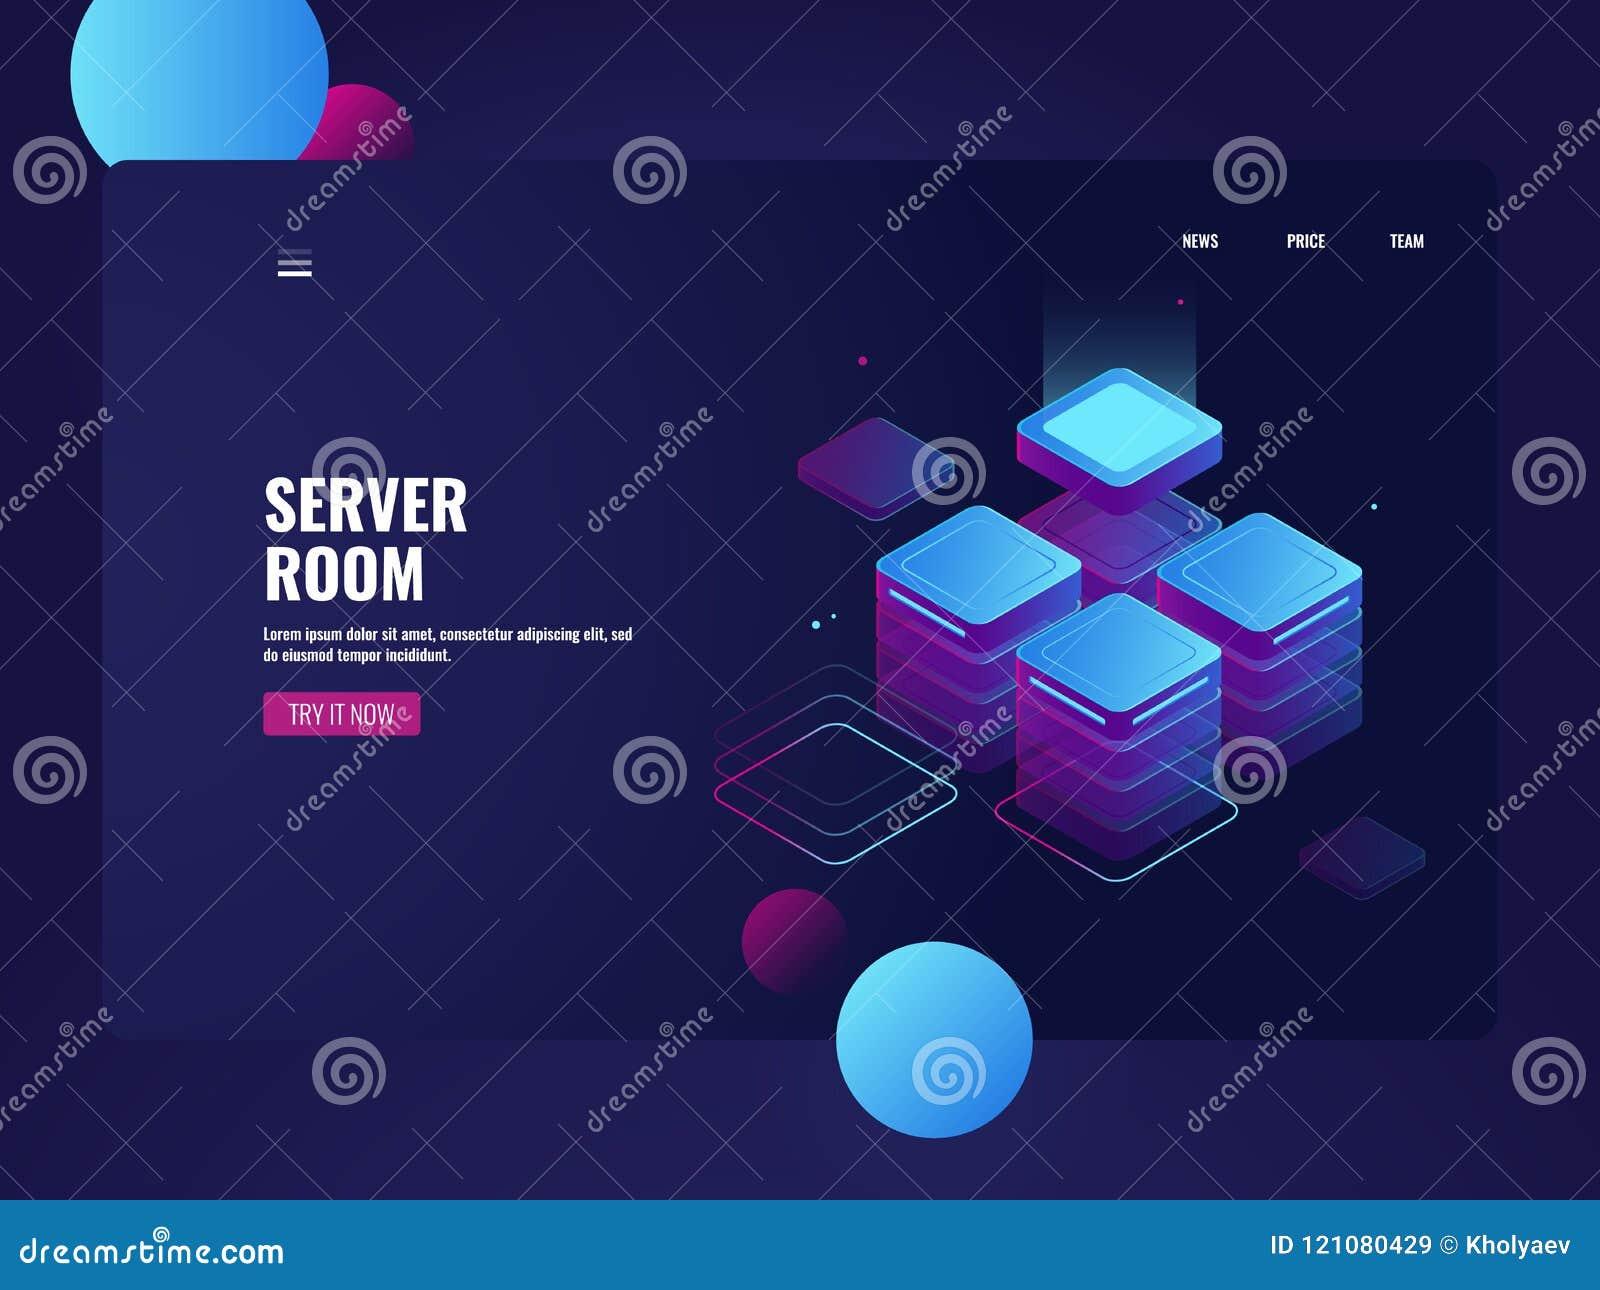 Netzwerk-Server-Raum und datacenter isometrischer Vektor, Wolkendatenspeicherung, große Daten verarbeitend, Technologiegegenstand